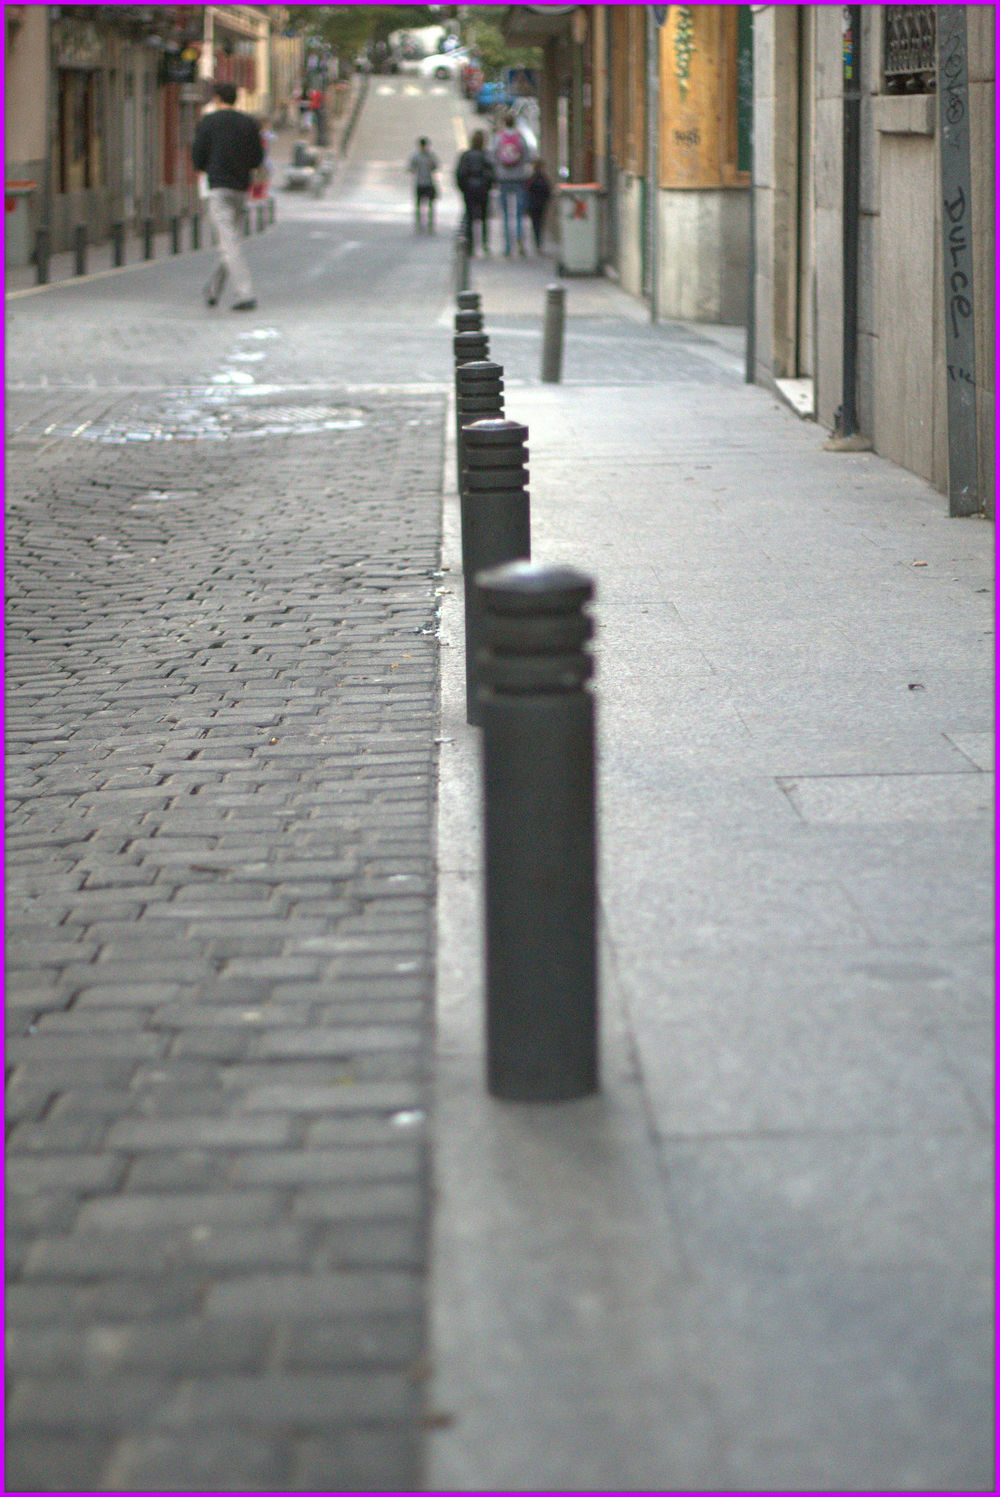 Calle Fúcar, el Barrio de las Letras, Madrid, España - Octubre 2014